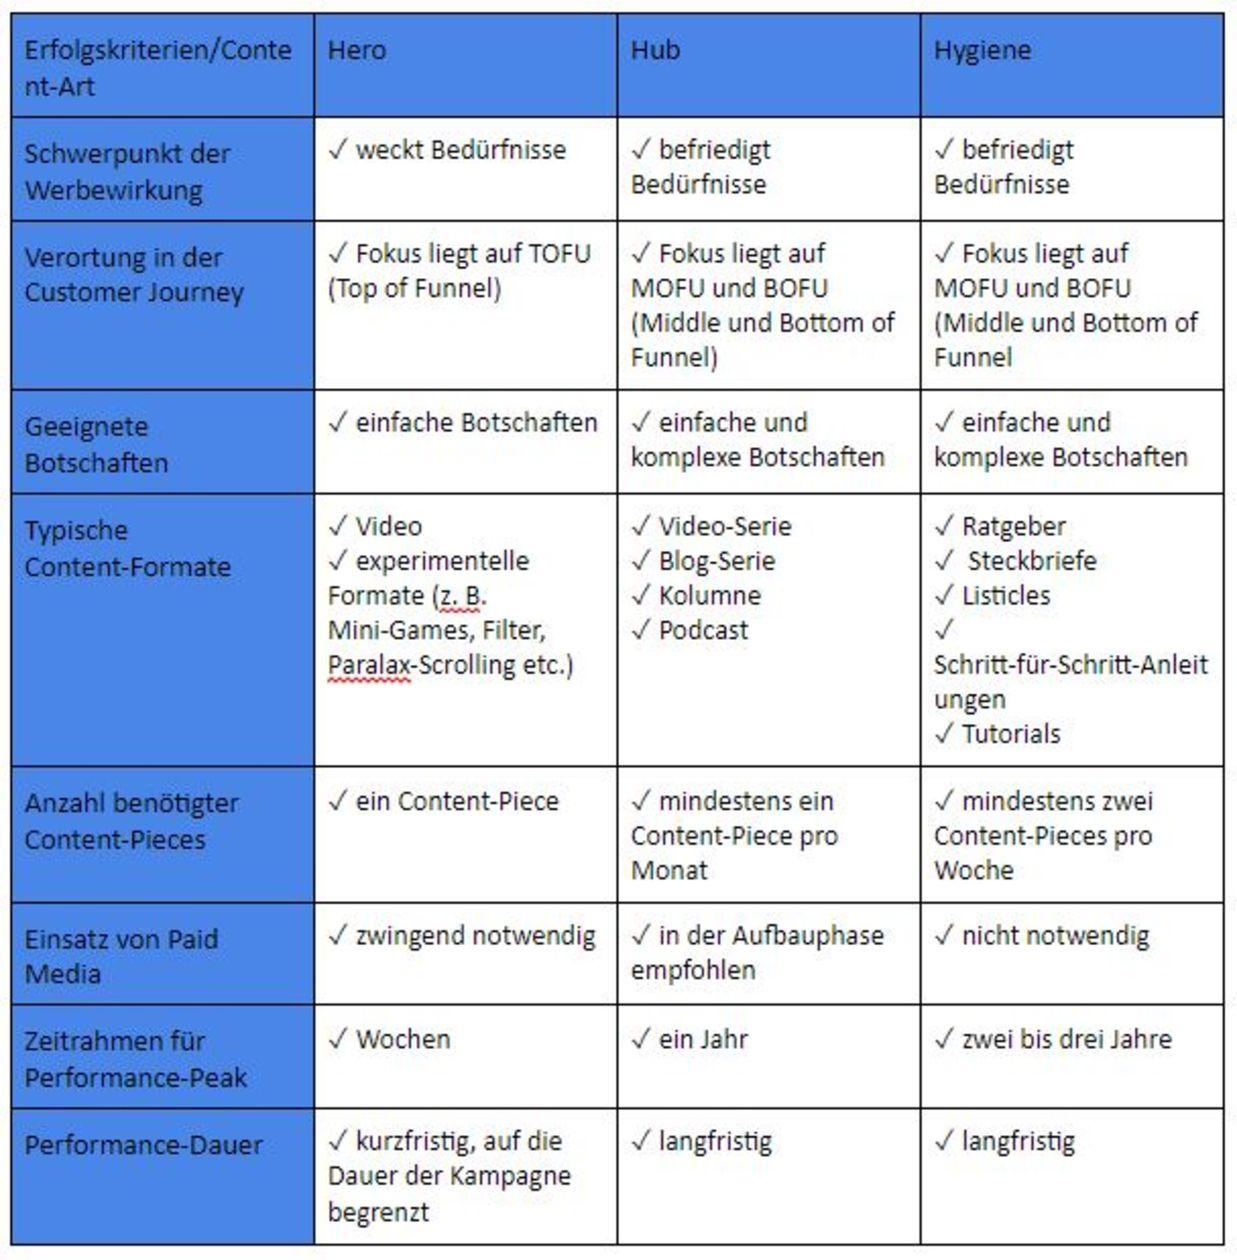 Überblick: Welche strategischen Rahmenbedingungen gelten für Hero-, Hub- und Hygiene-Content?